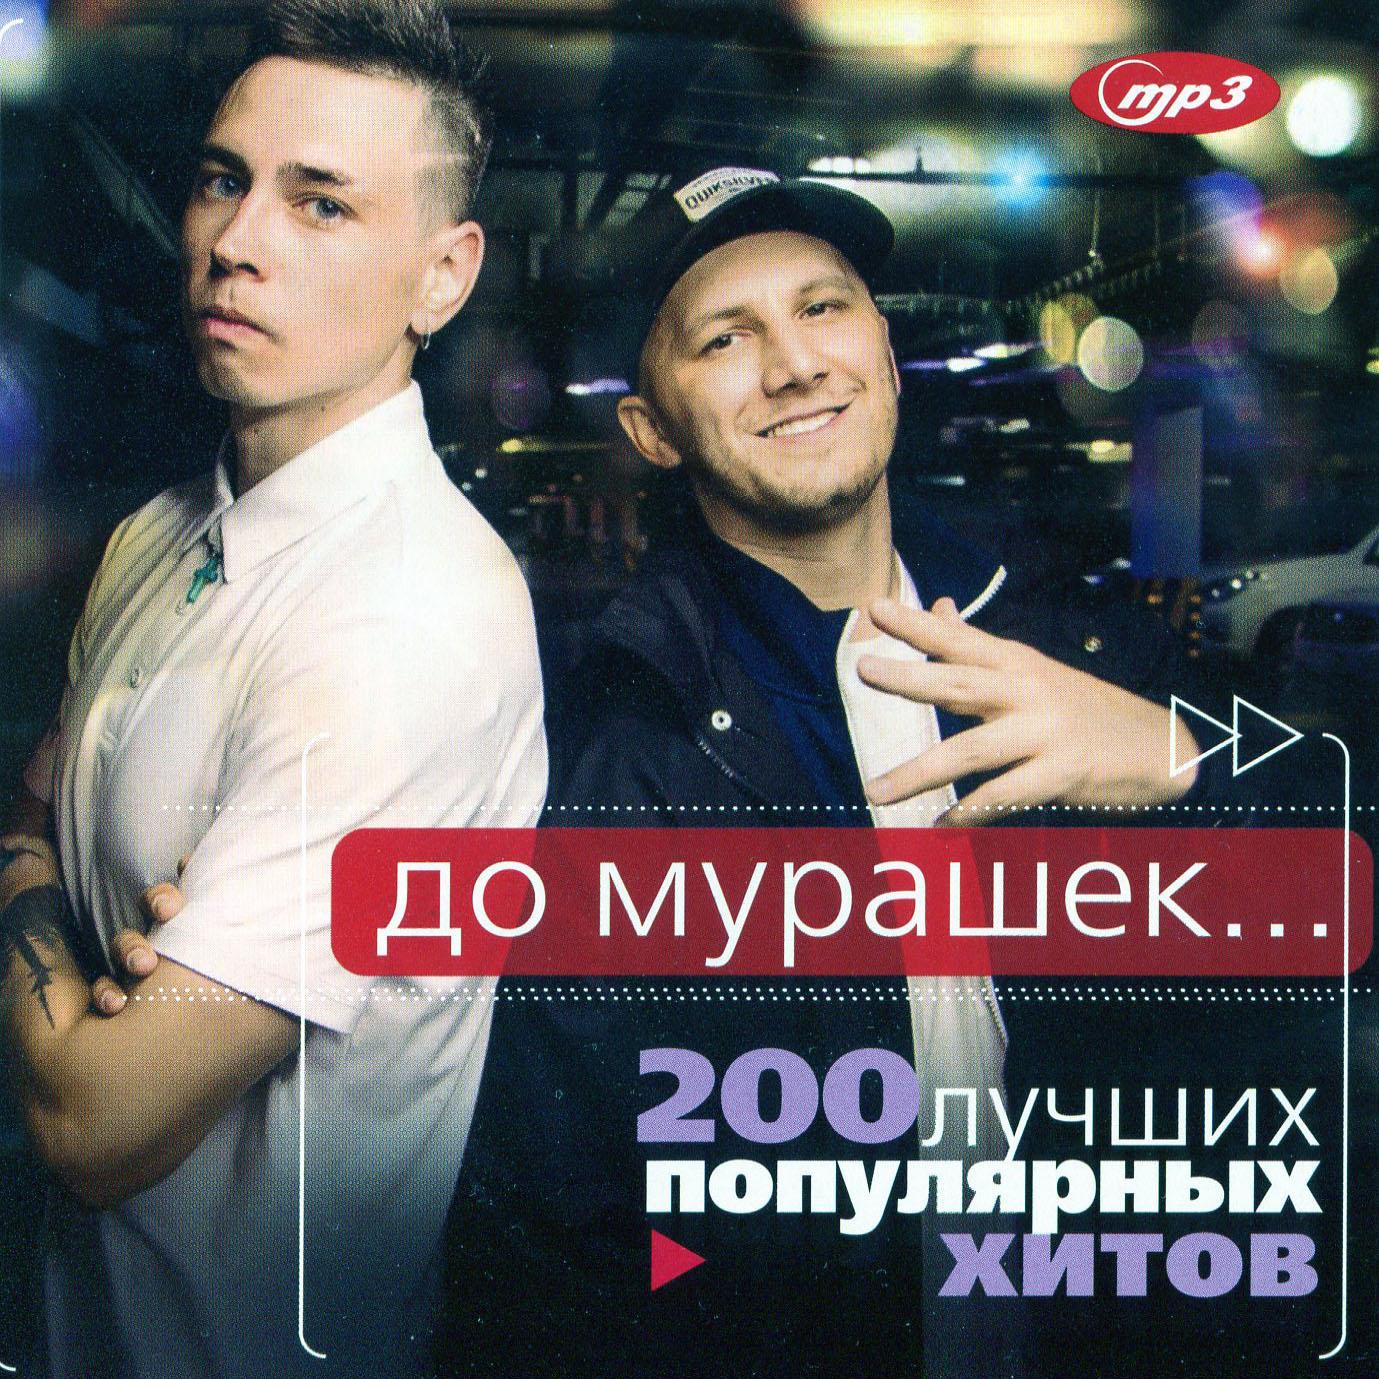 ДО МУРАШЕК - 200 лучших популярных хитов [mp3]